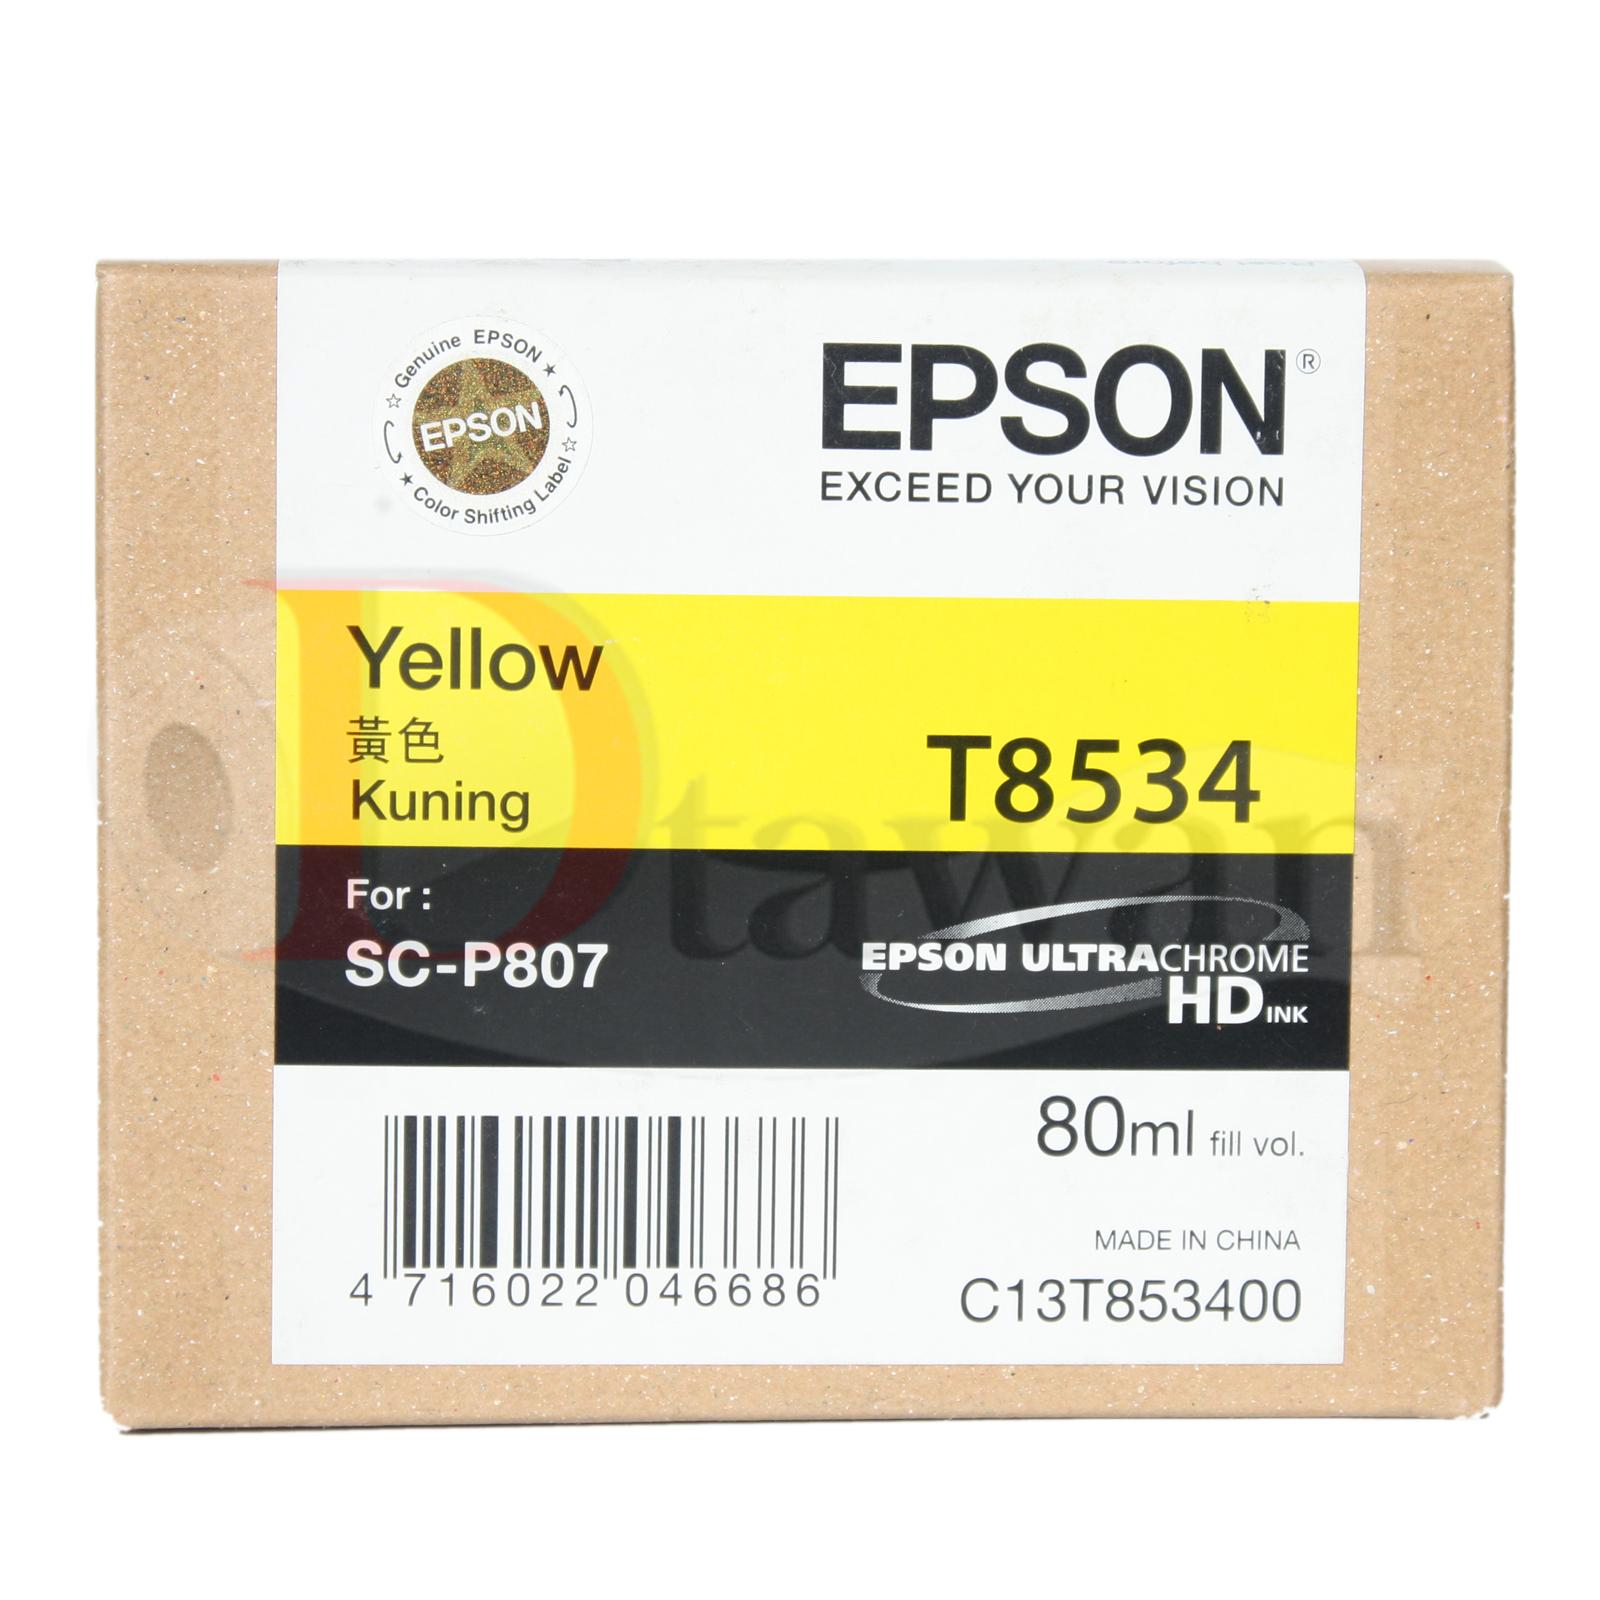 ตลับหมึกสำหรับ EPSON P807 รหัส T8534 สี YELLOW